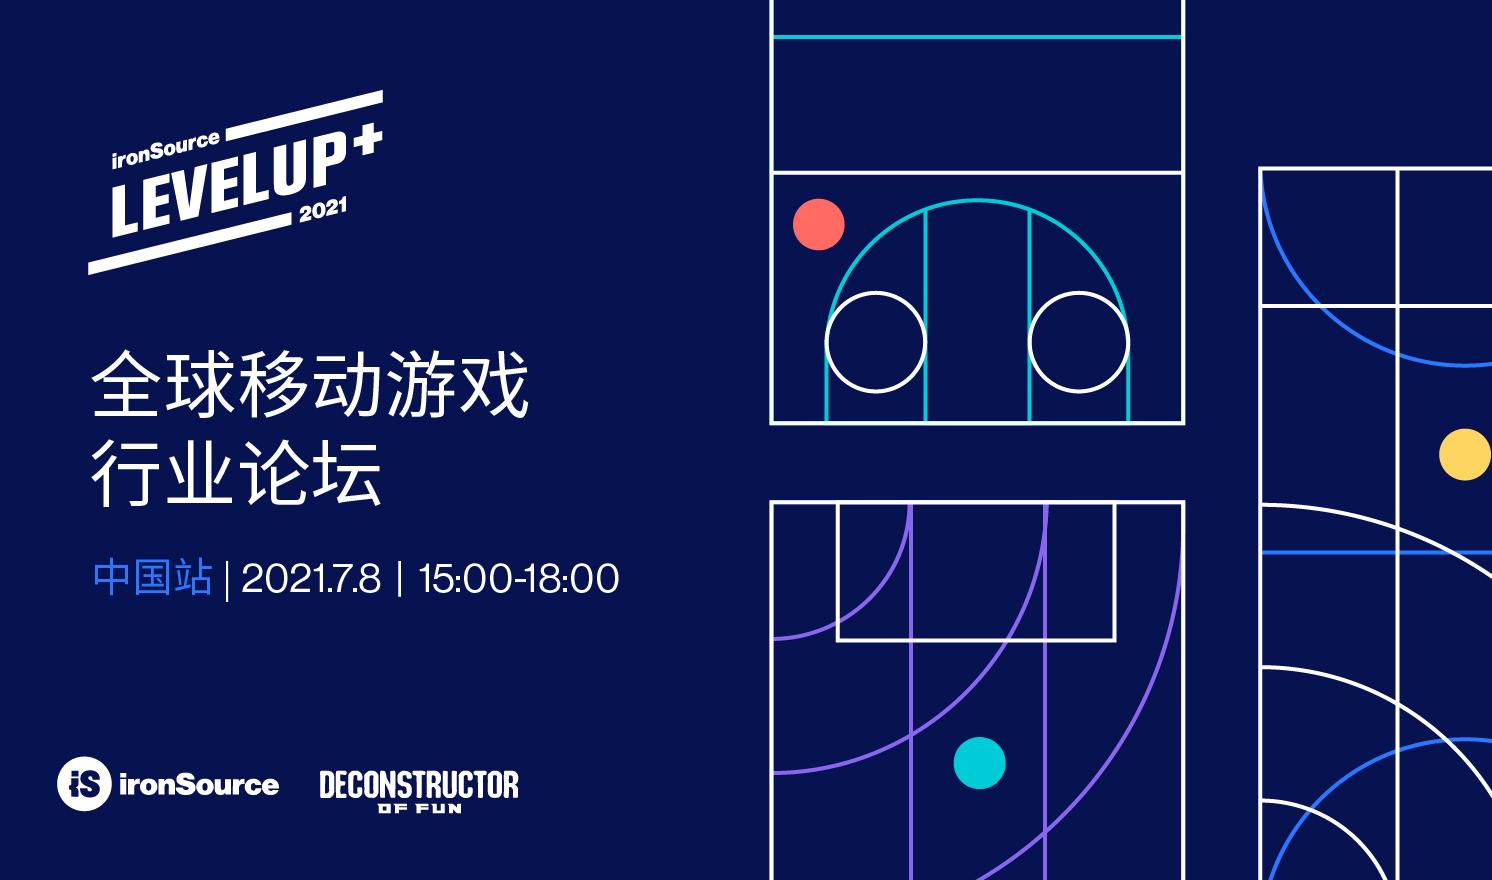 LevelUp2021 全球移动游戏行业论坛 中国站(2021-07-08)